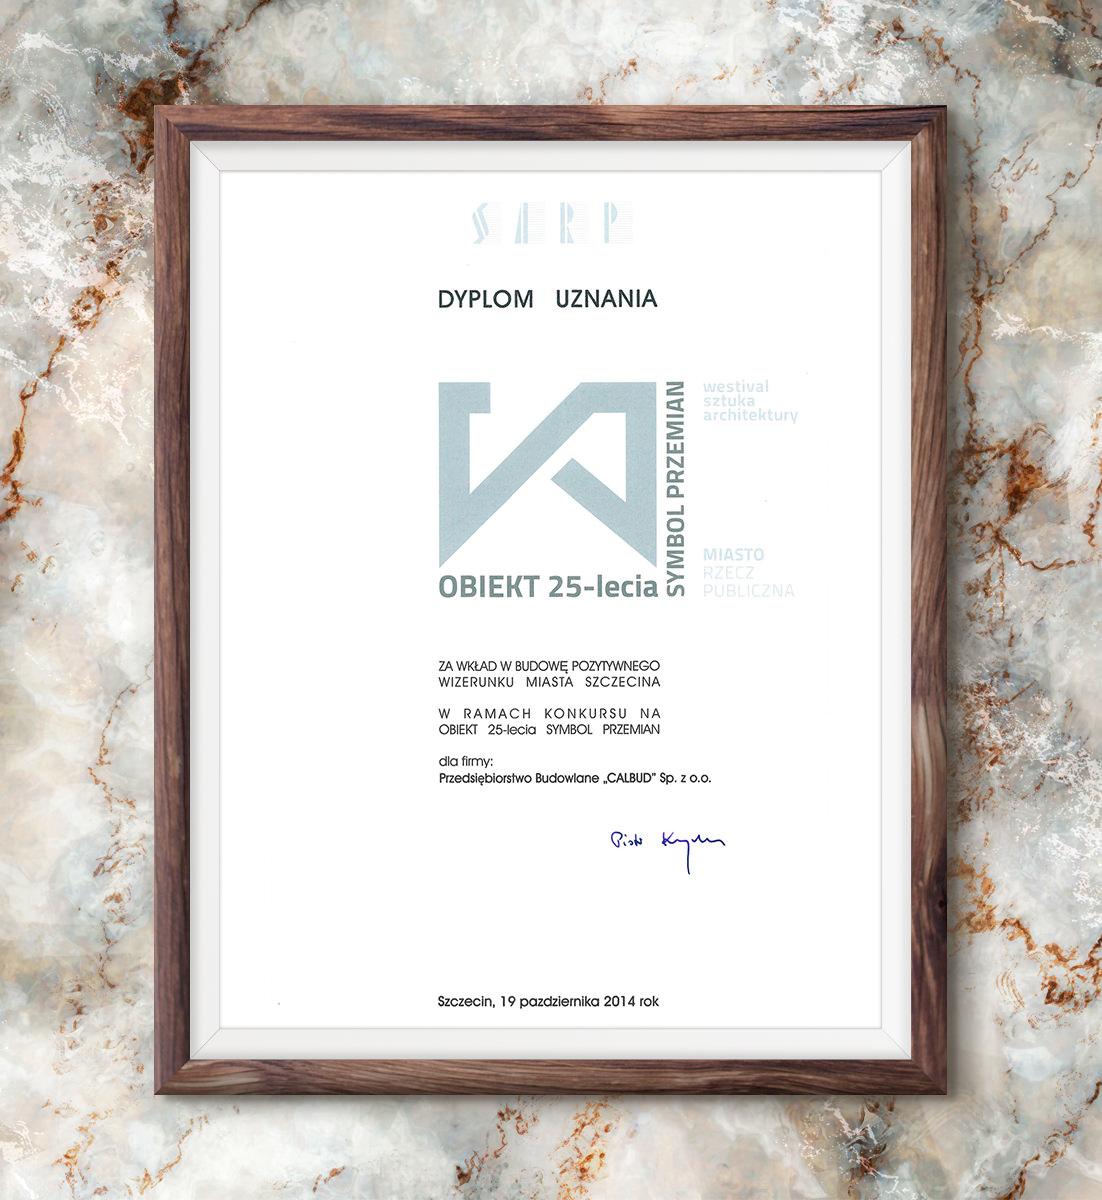 Obiekt 25-lecia - Dyplom Uznania dla P.B. CALBUD Sp. z o.o.